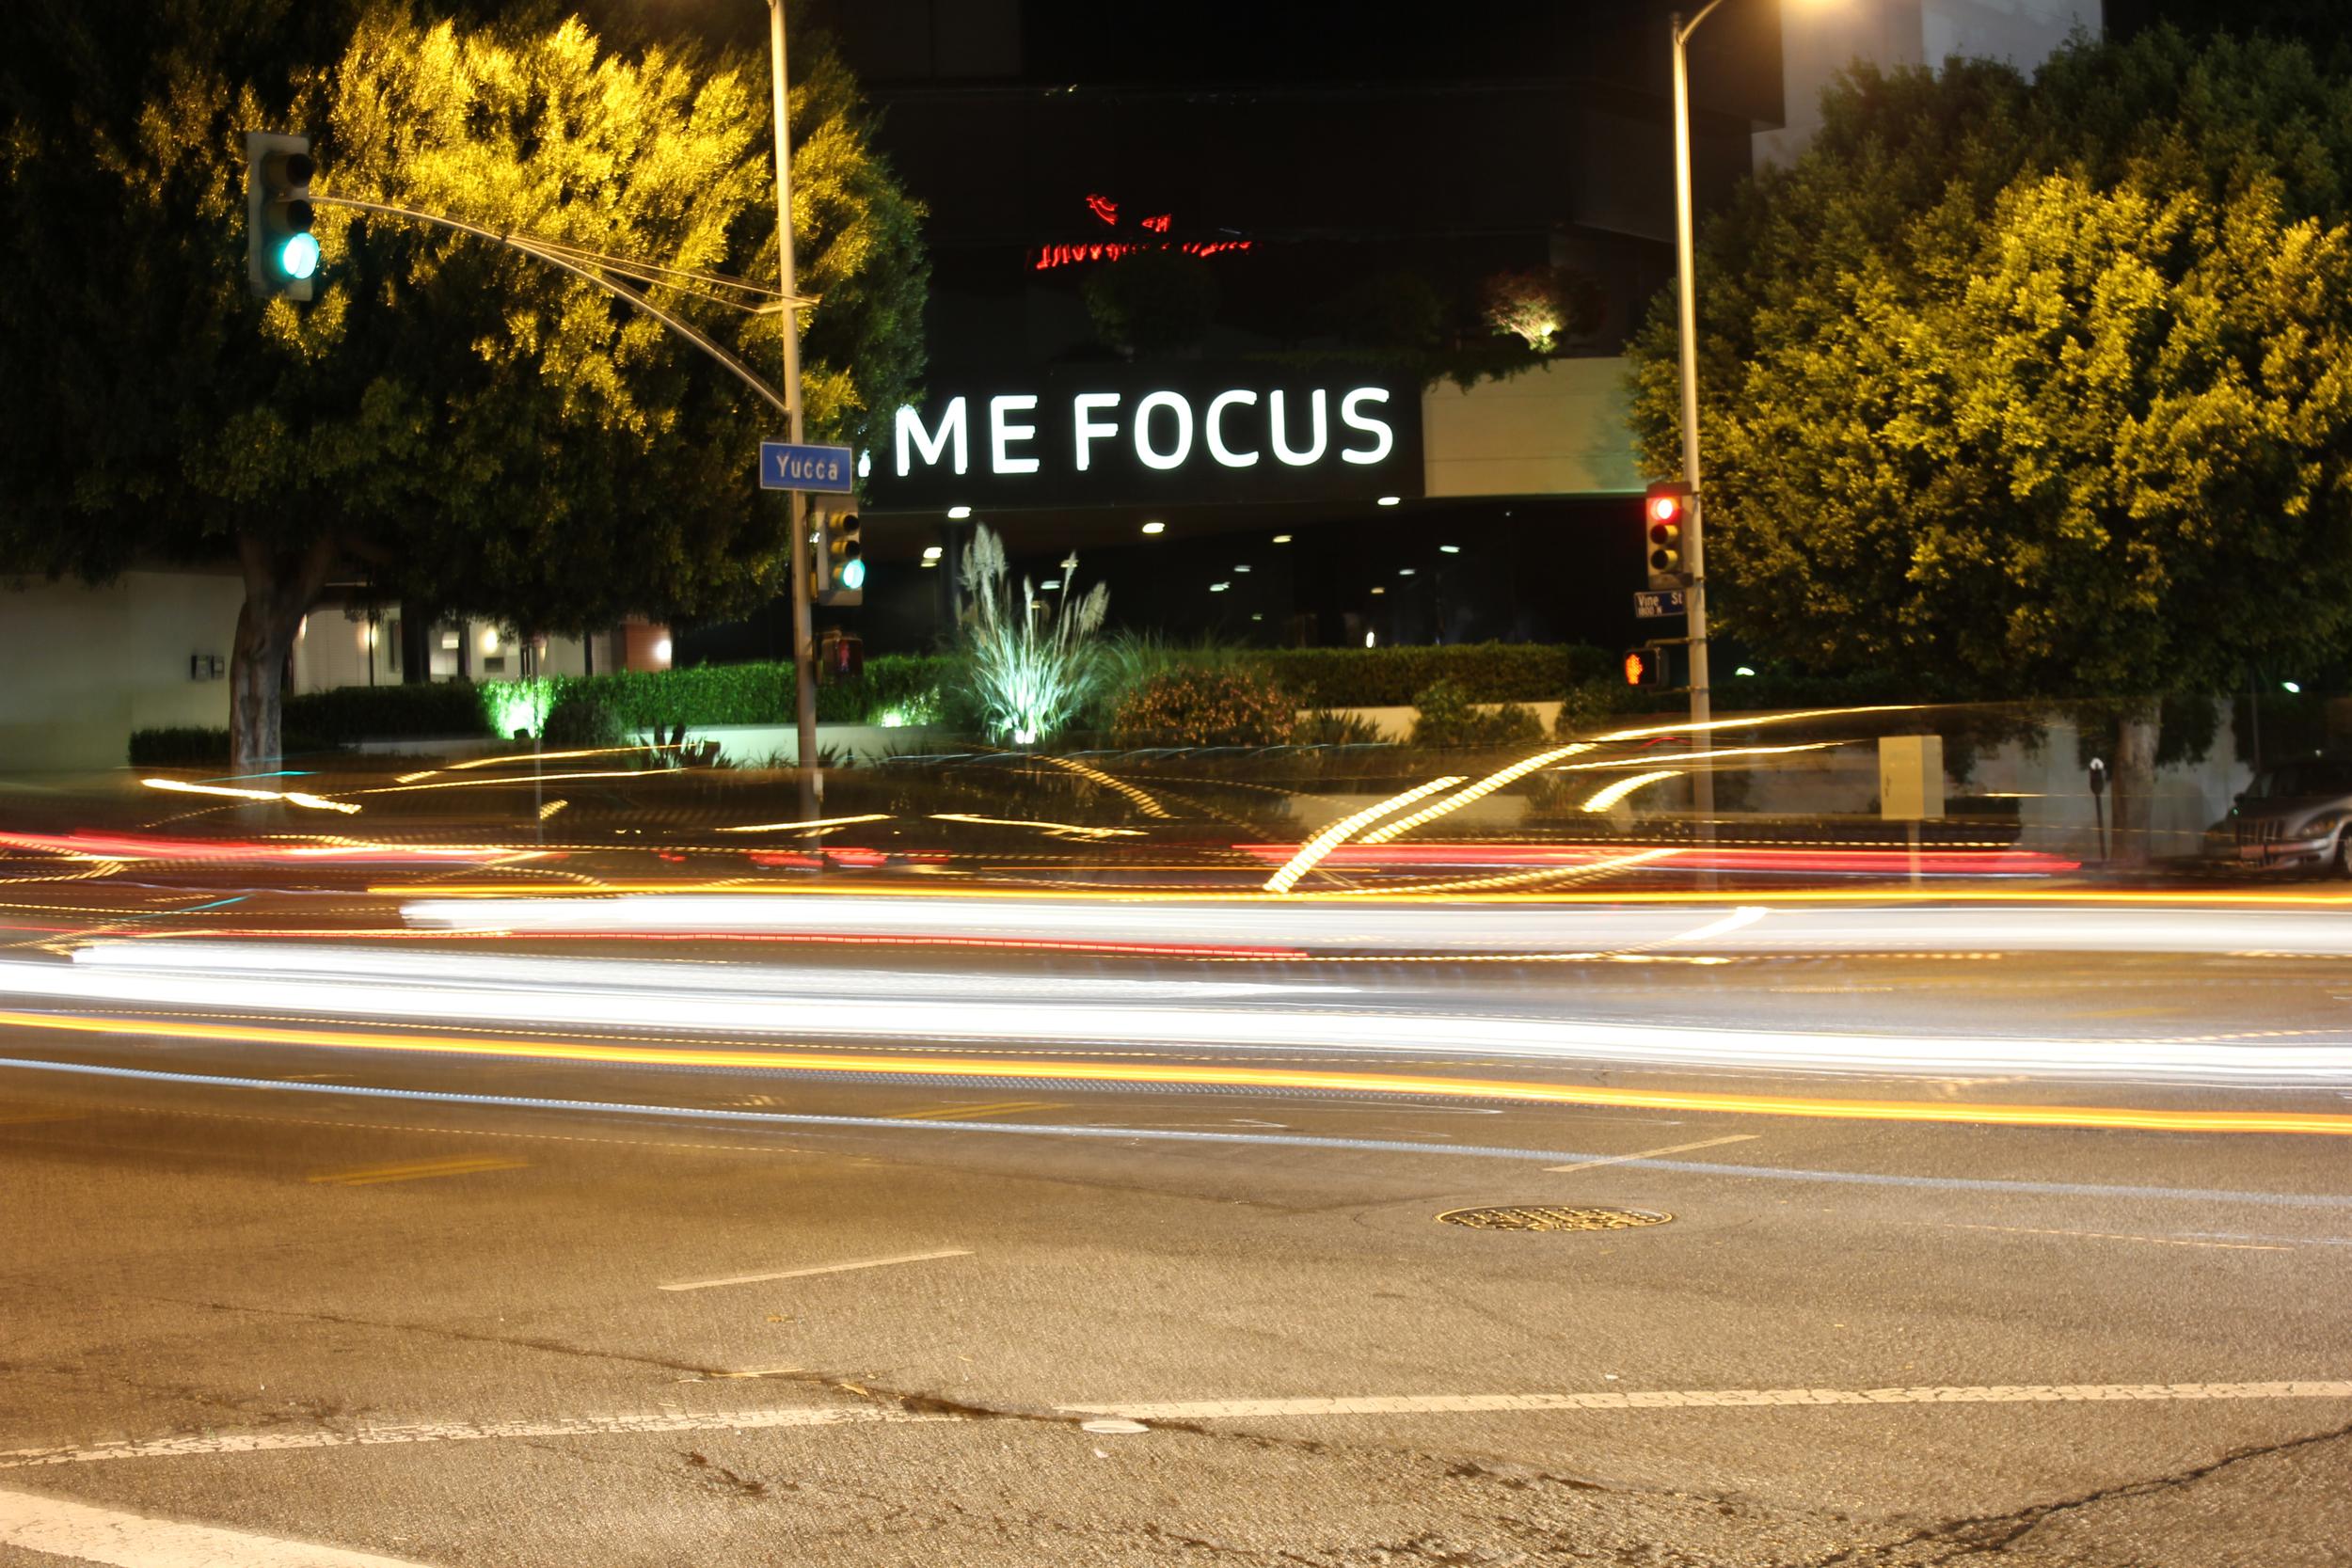 Me Focus